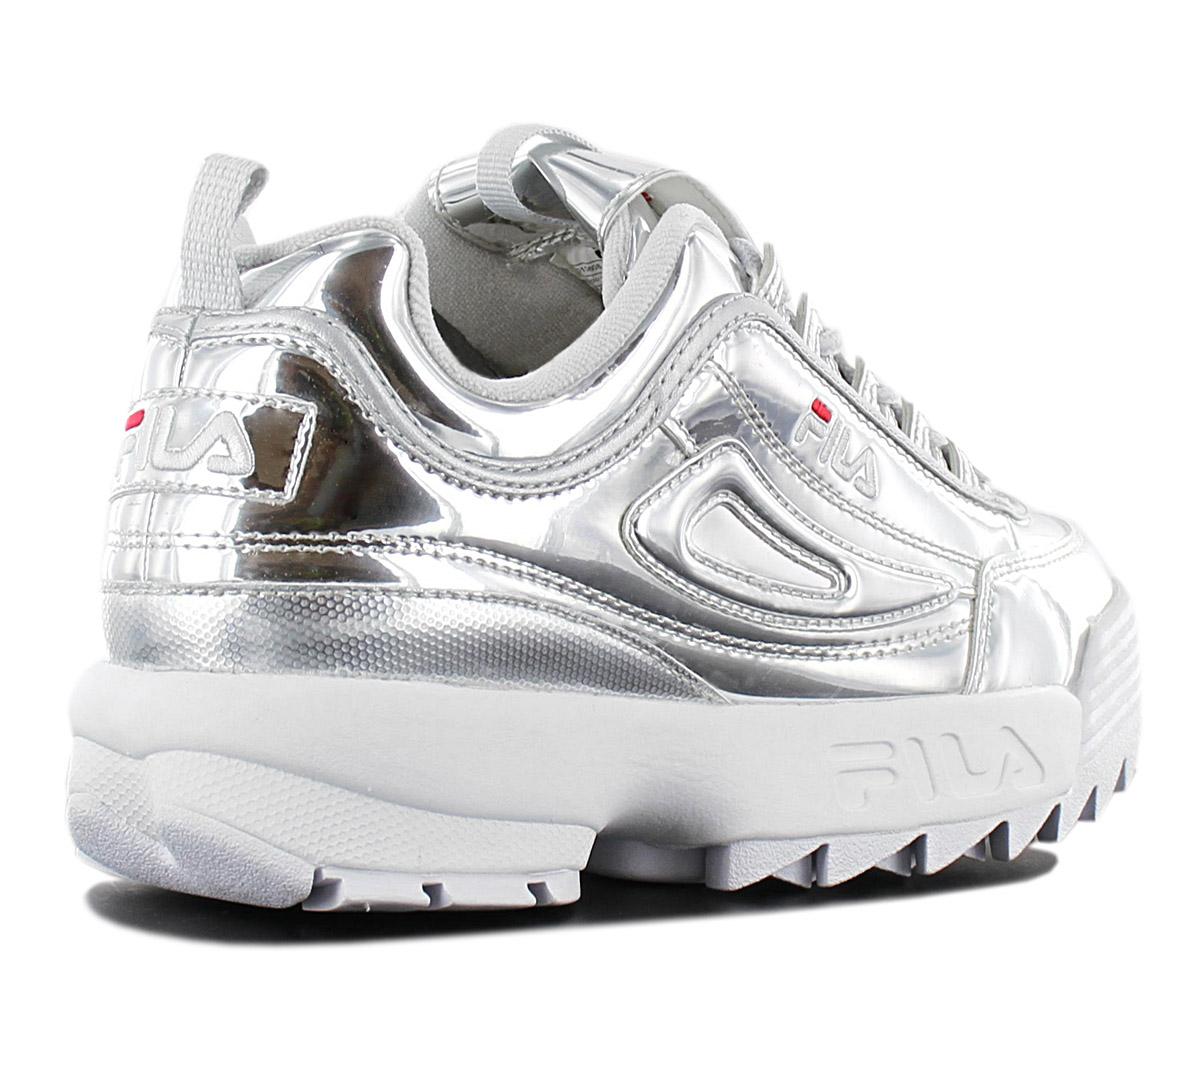 Detalles acerca de Fila Disruptor M bajo para mujeres Tenis 1010608.3VW Nuevos Zapatos de Plata Metálica mostrar título original